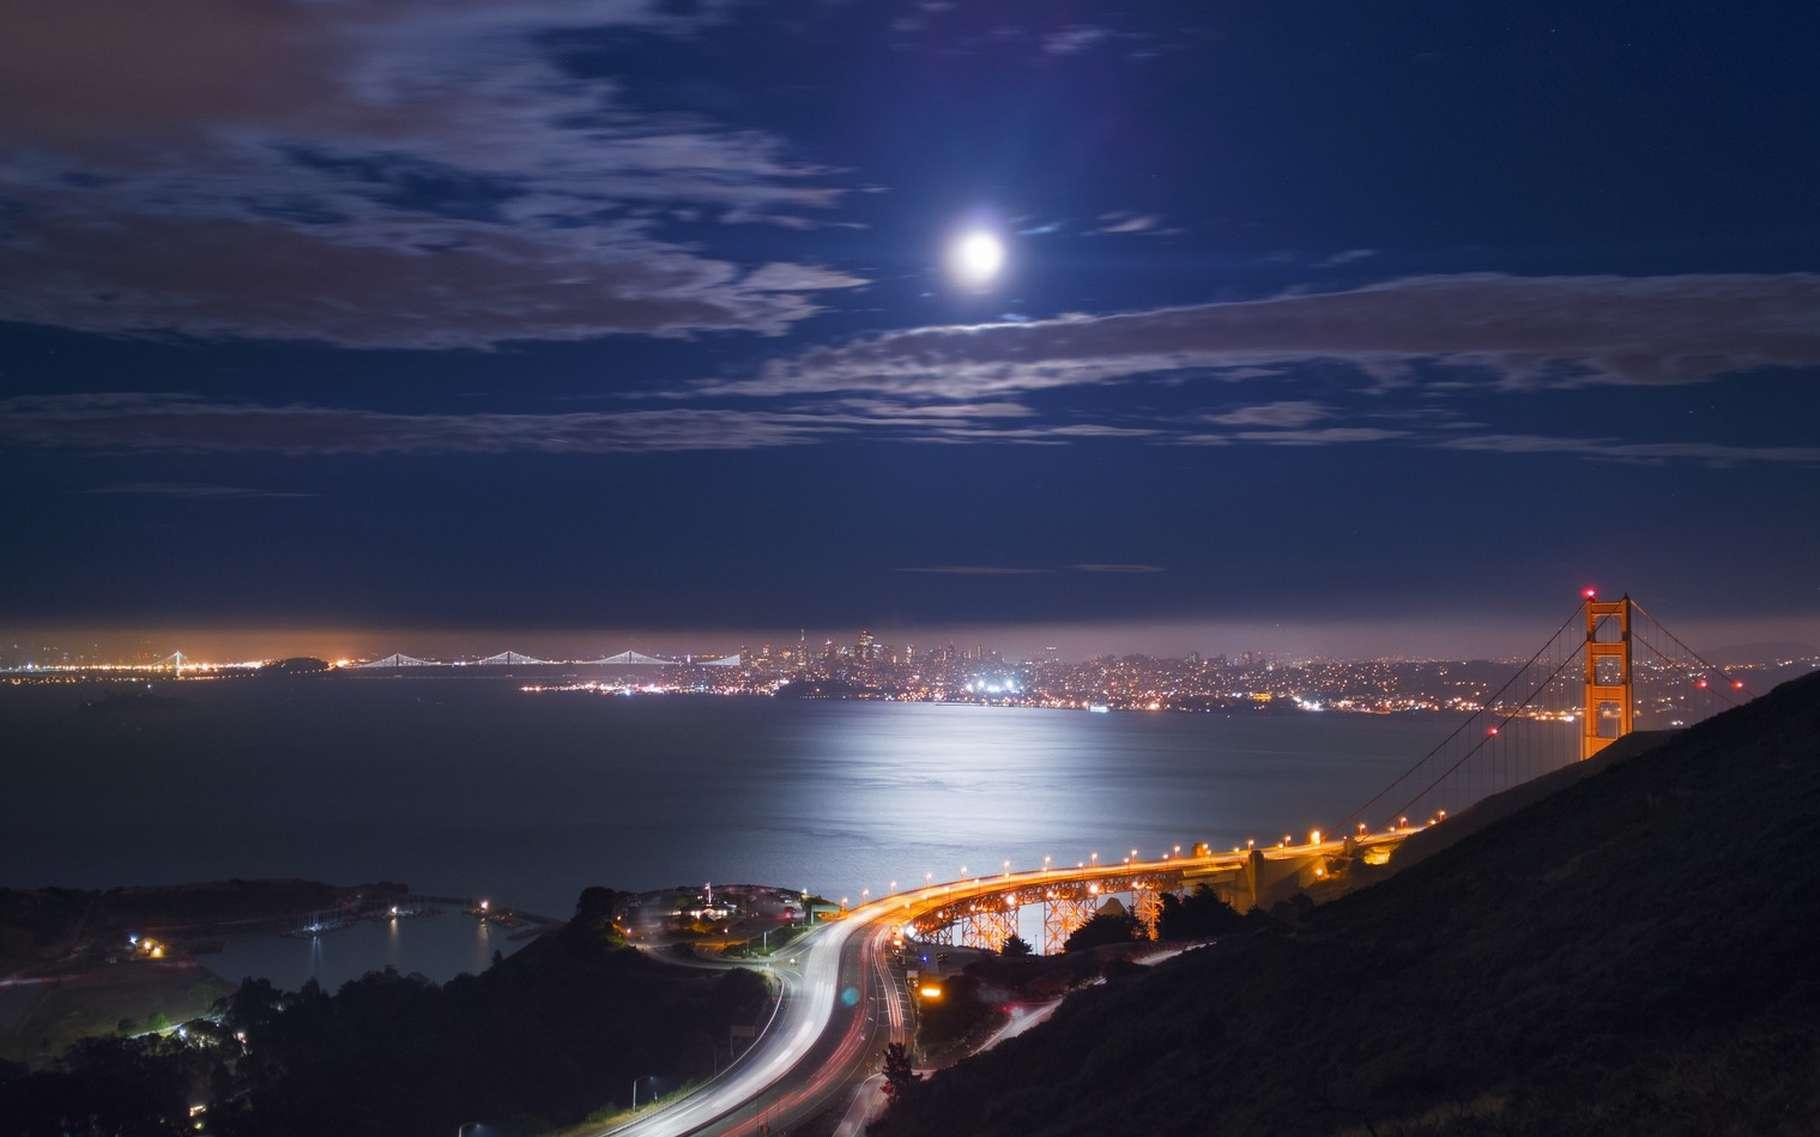 Cette photo de nuit de la baie de San Francisco et du Golden Gate Bridge a été prise avec un smartphone Nexus 6P. © Google